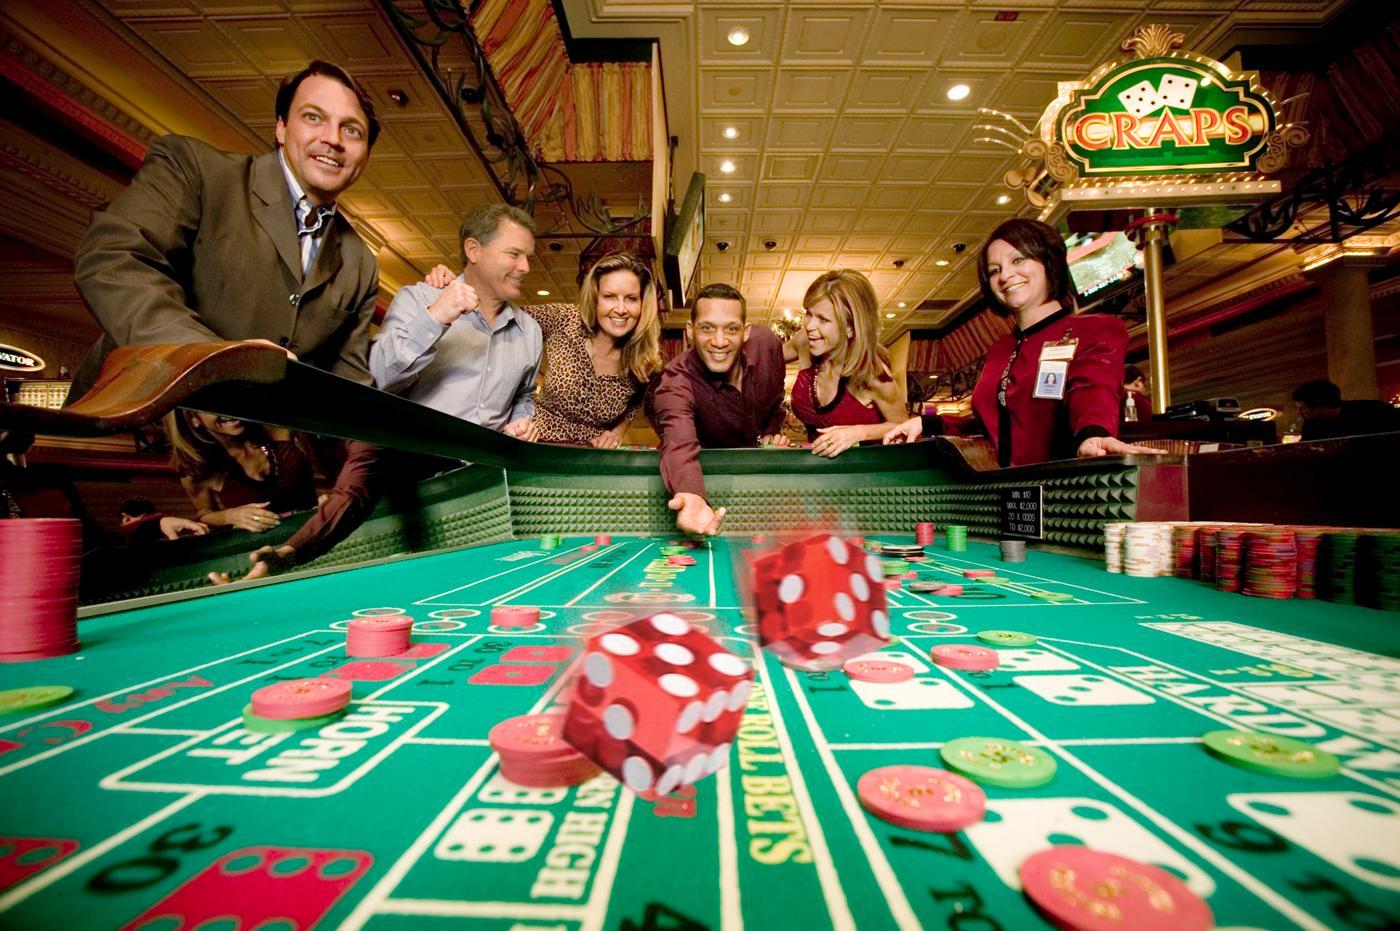 Pourquoi se mettre aux jeux casino virtuels?